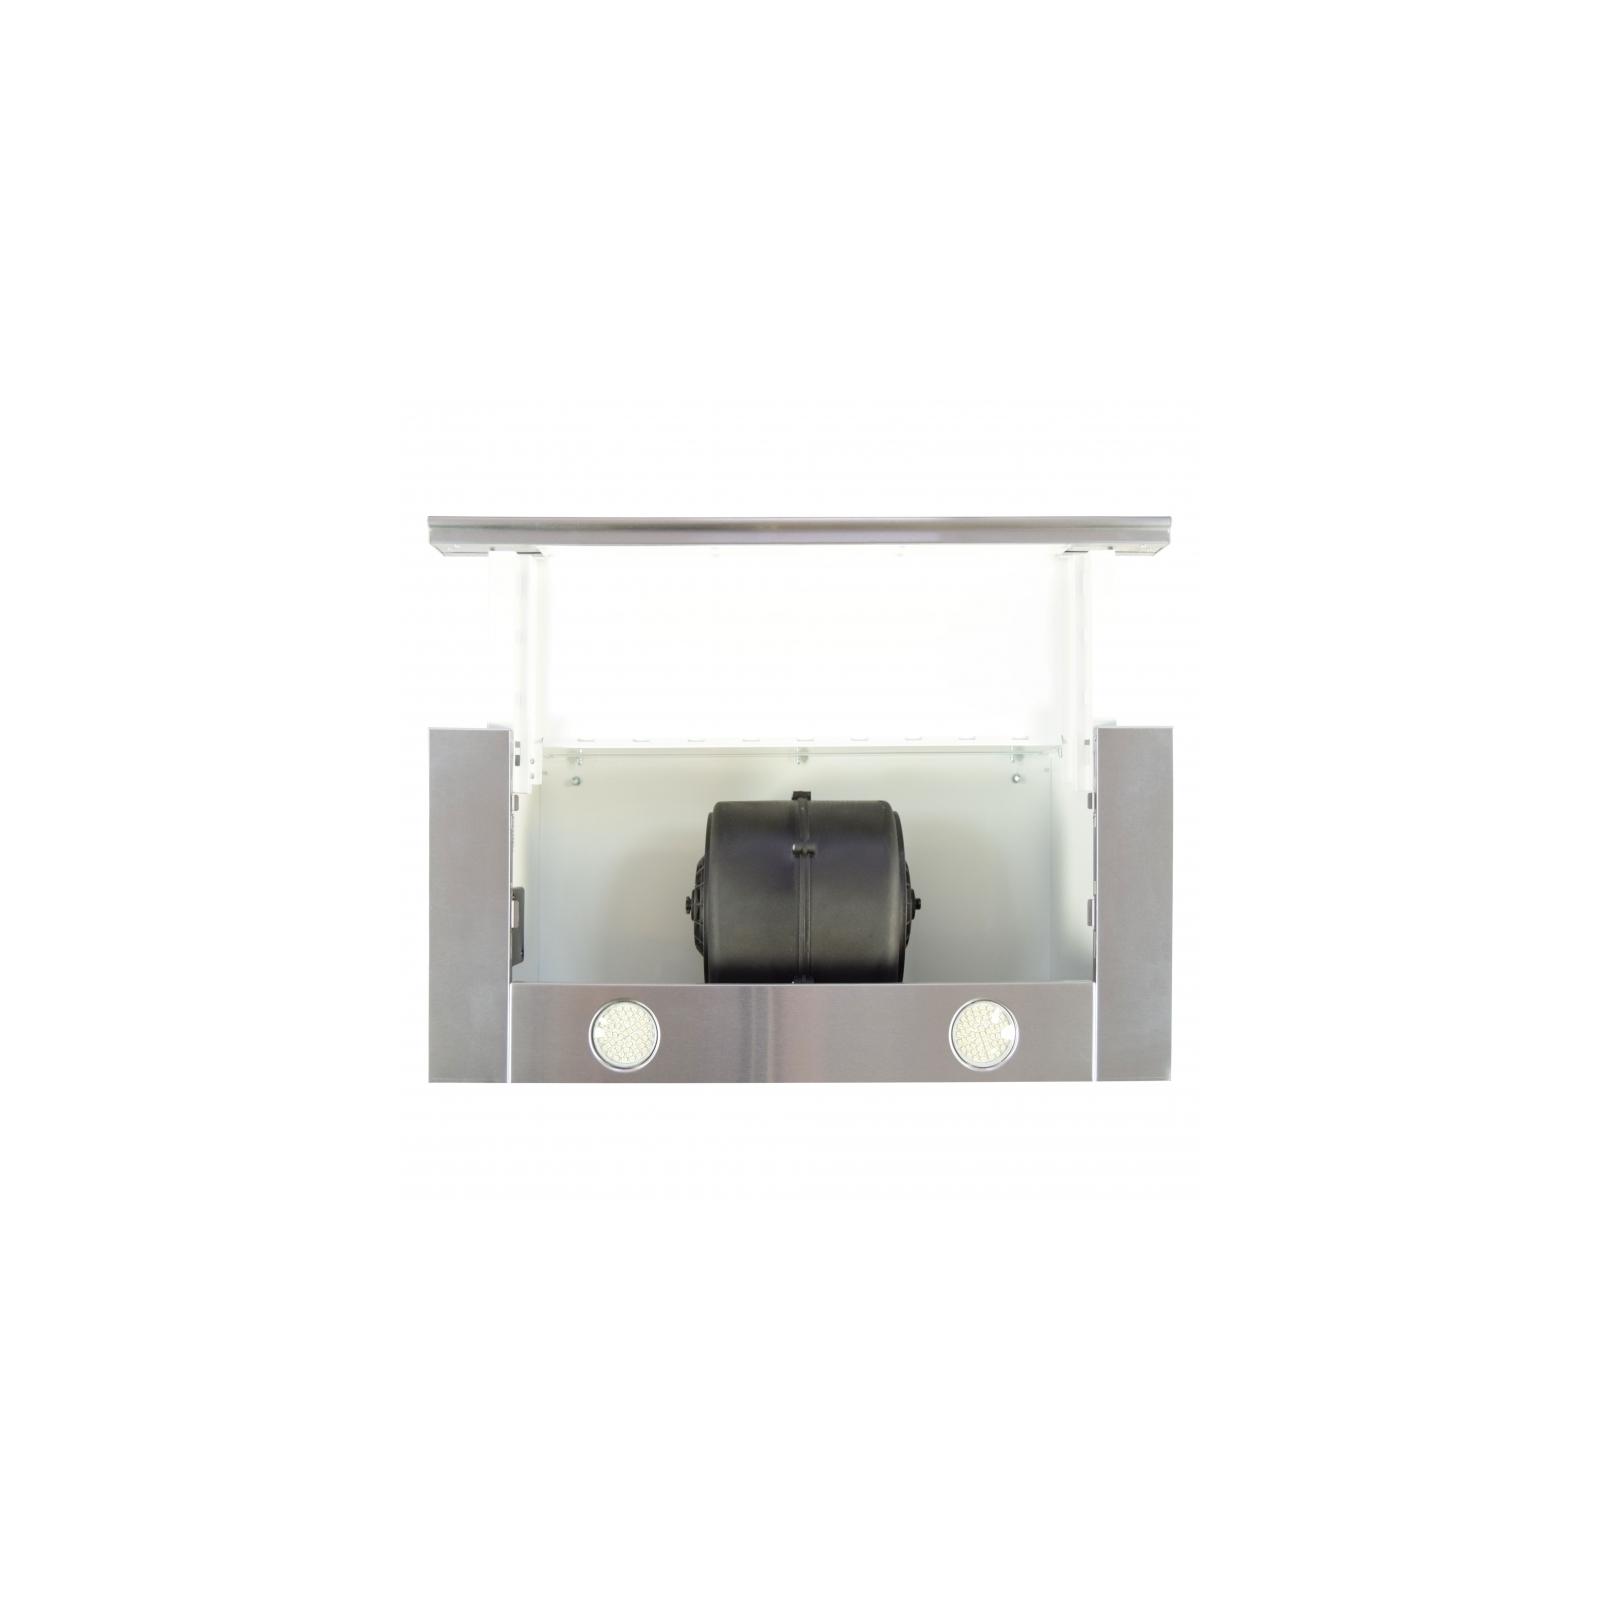 Вытяжка кухонная ELEYUS Storm 1200 LED 60 IS изображение 6